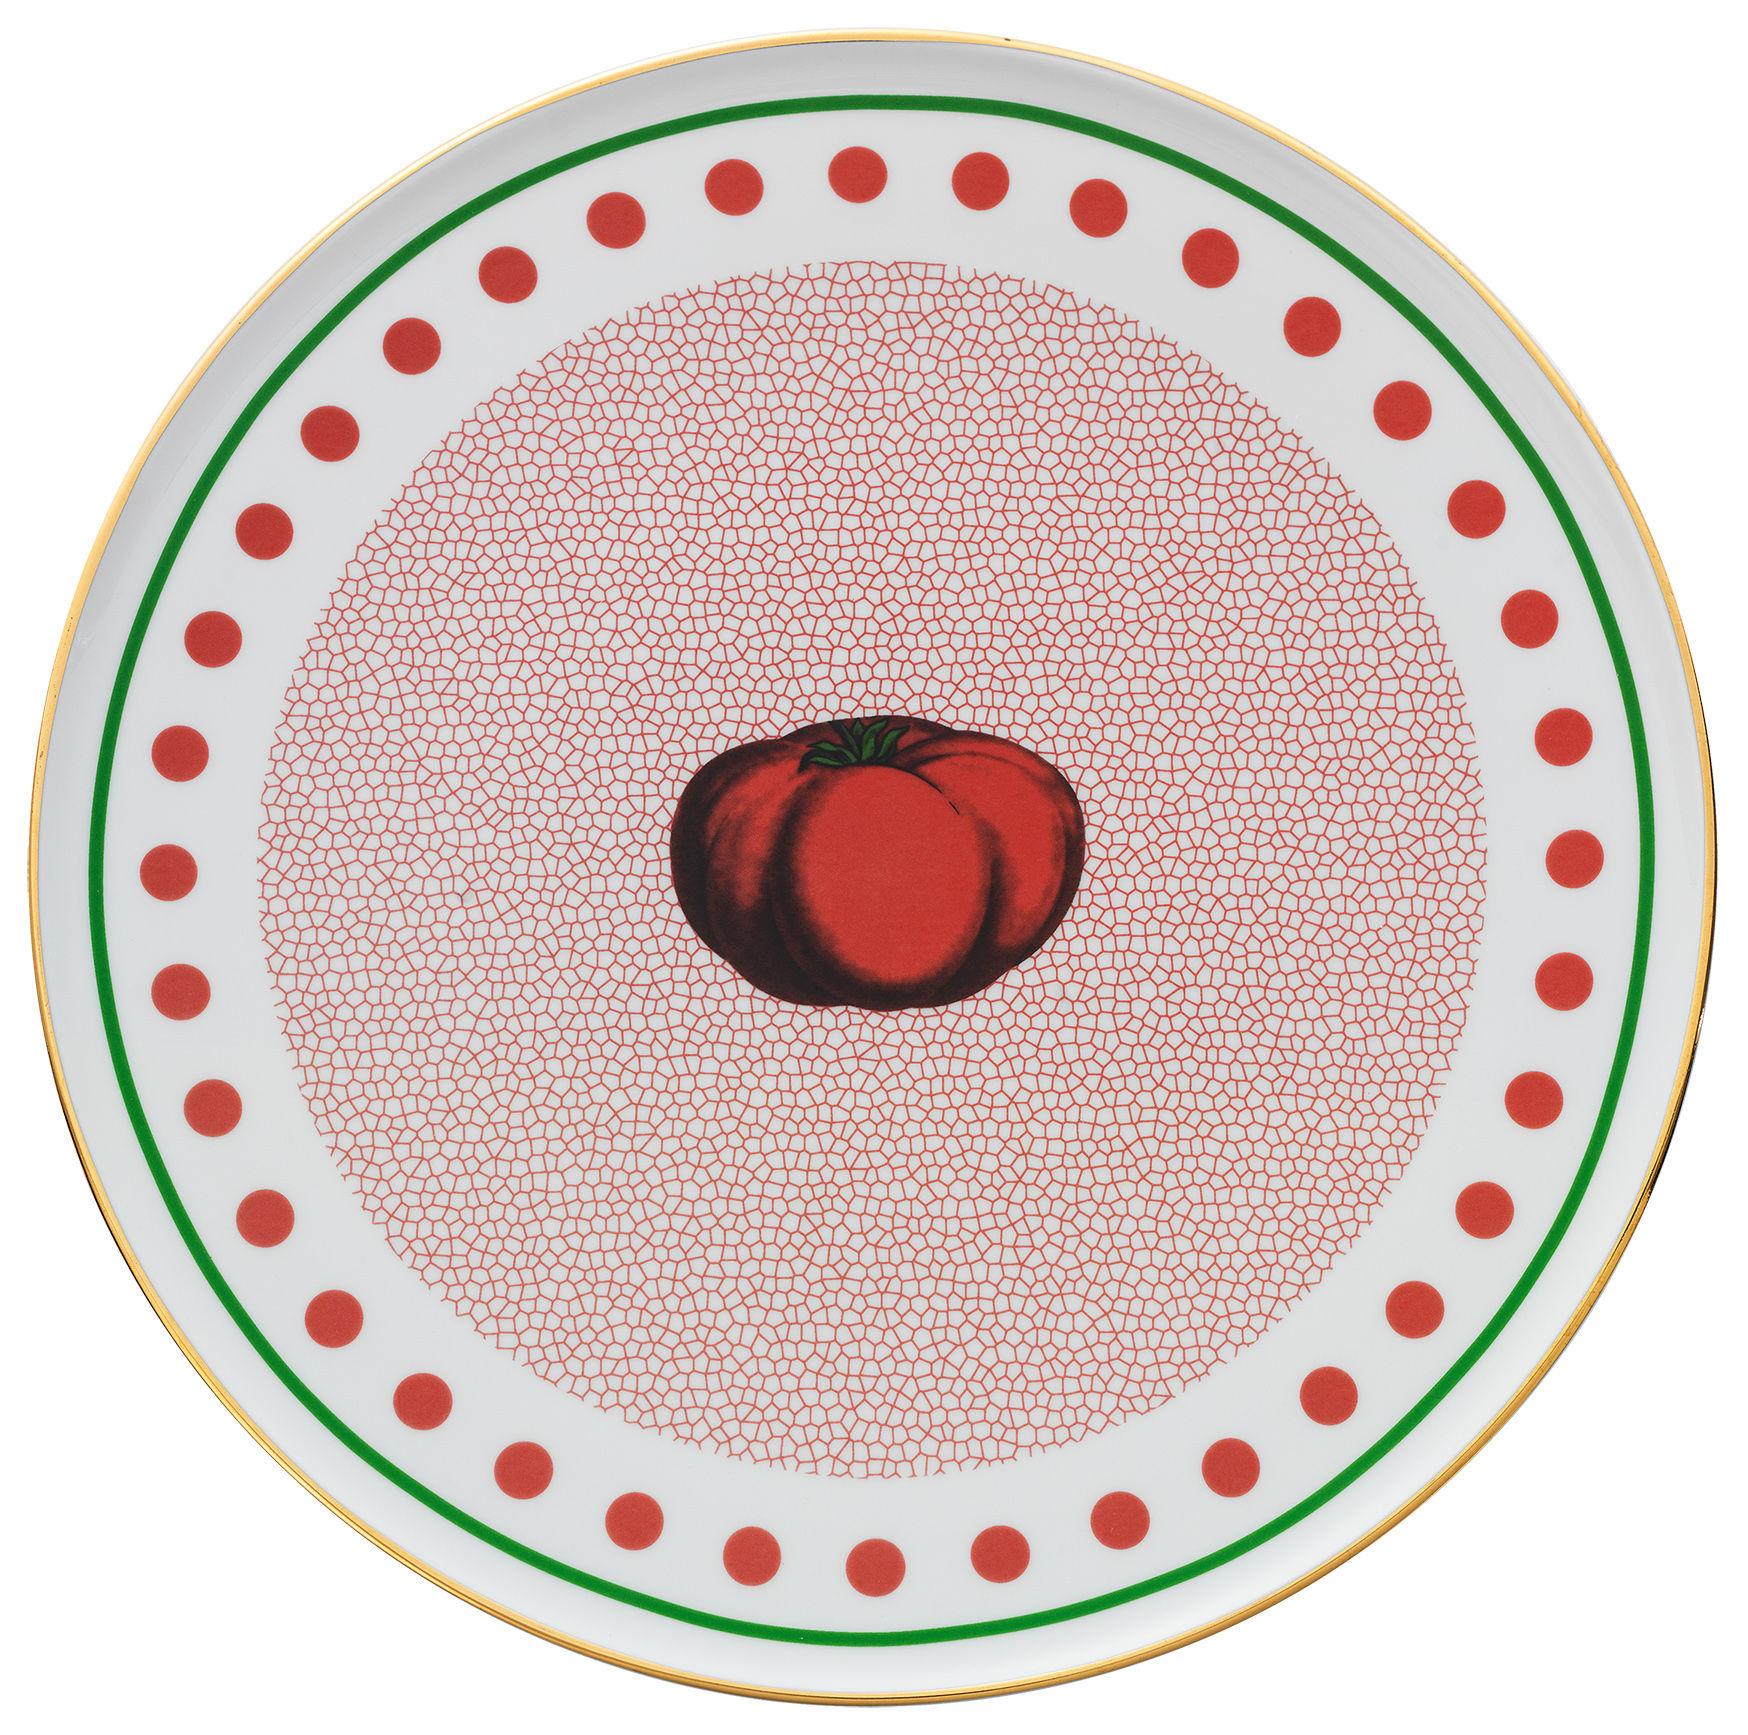 Arts de la table - Assiettes - Assiette de présentation Bel Paese - Pomodoro / Ø 32 cm - Bitossi Home - Tomate / Rouge - Porcelaine